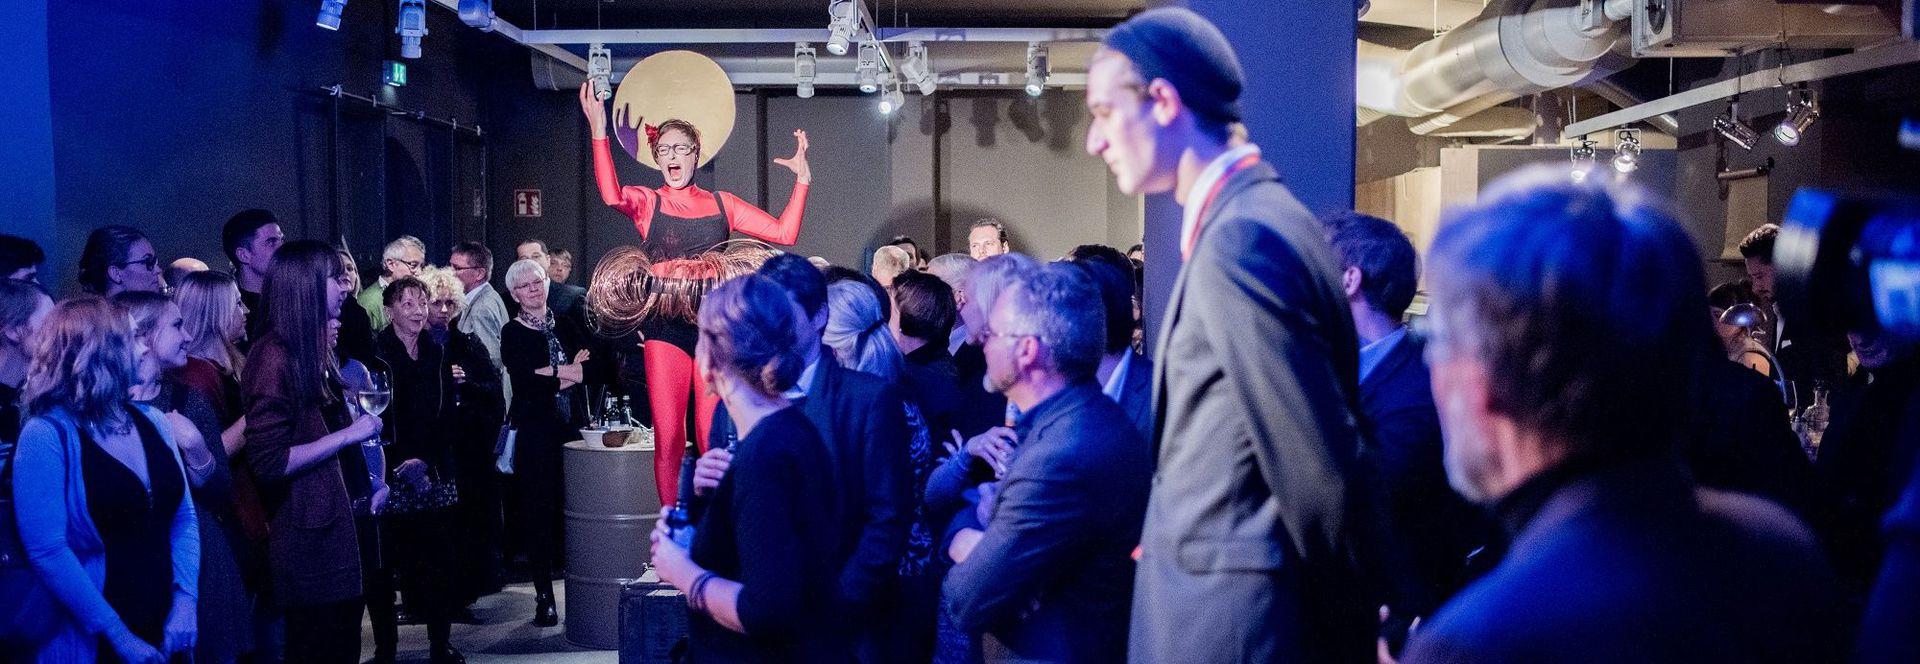 Fünf Jahre Degginger Virtuelle Konferenz am 12. April präsentiert das Kultur- und Kreativzentrum als bundesweites Schlüsselprojekt